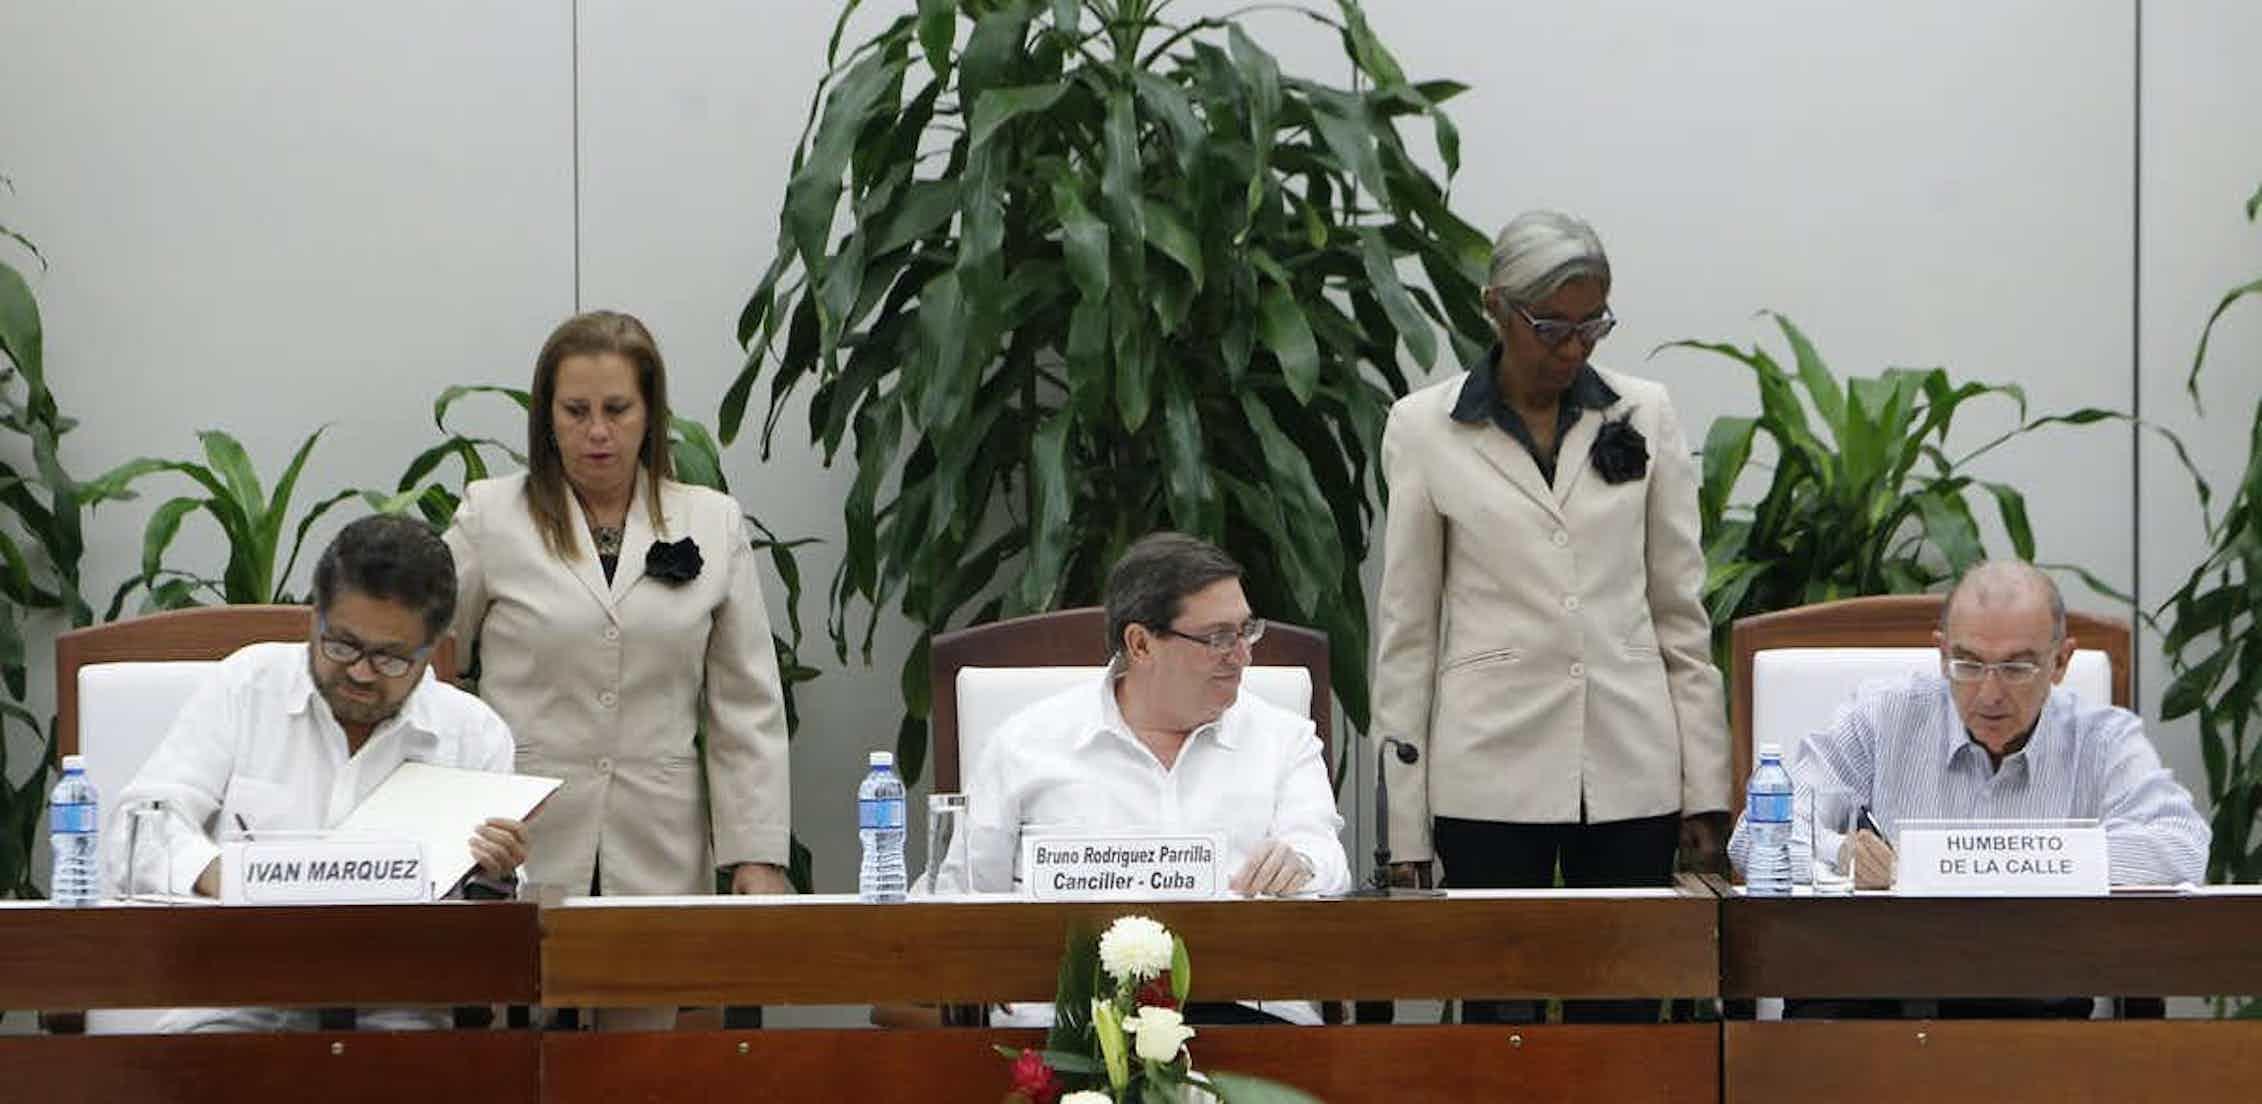 Representantes de las FARC y el Gobierno colombiano firman el acuerdo de paz en La Habana (Cuba) el 12 de noviembre de 2016.EPA/Ernesto Mastrascusa